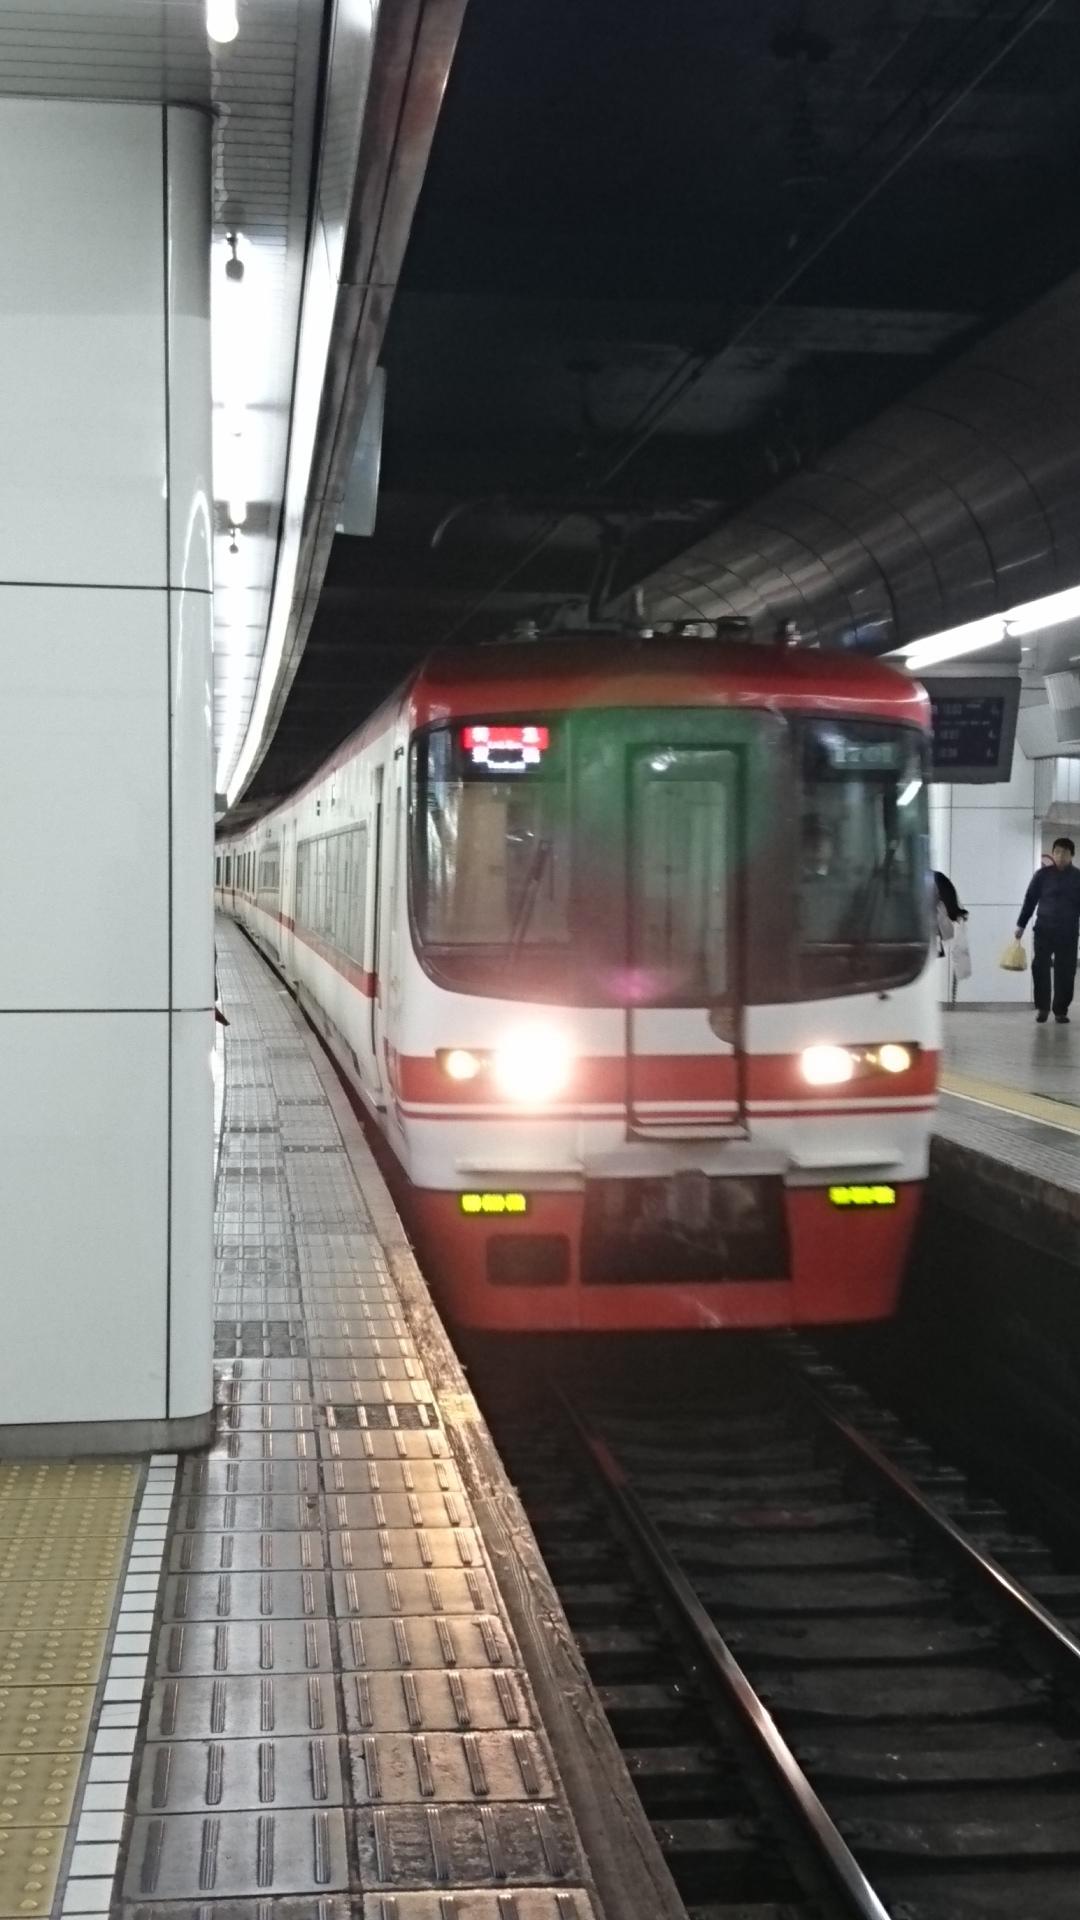 2018.1.8 名古屋 (14) 名古屋 - 豊橋いき特急 1080-1920